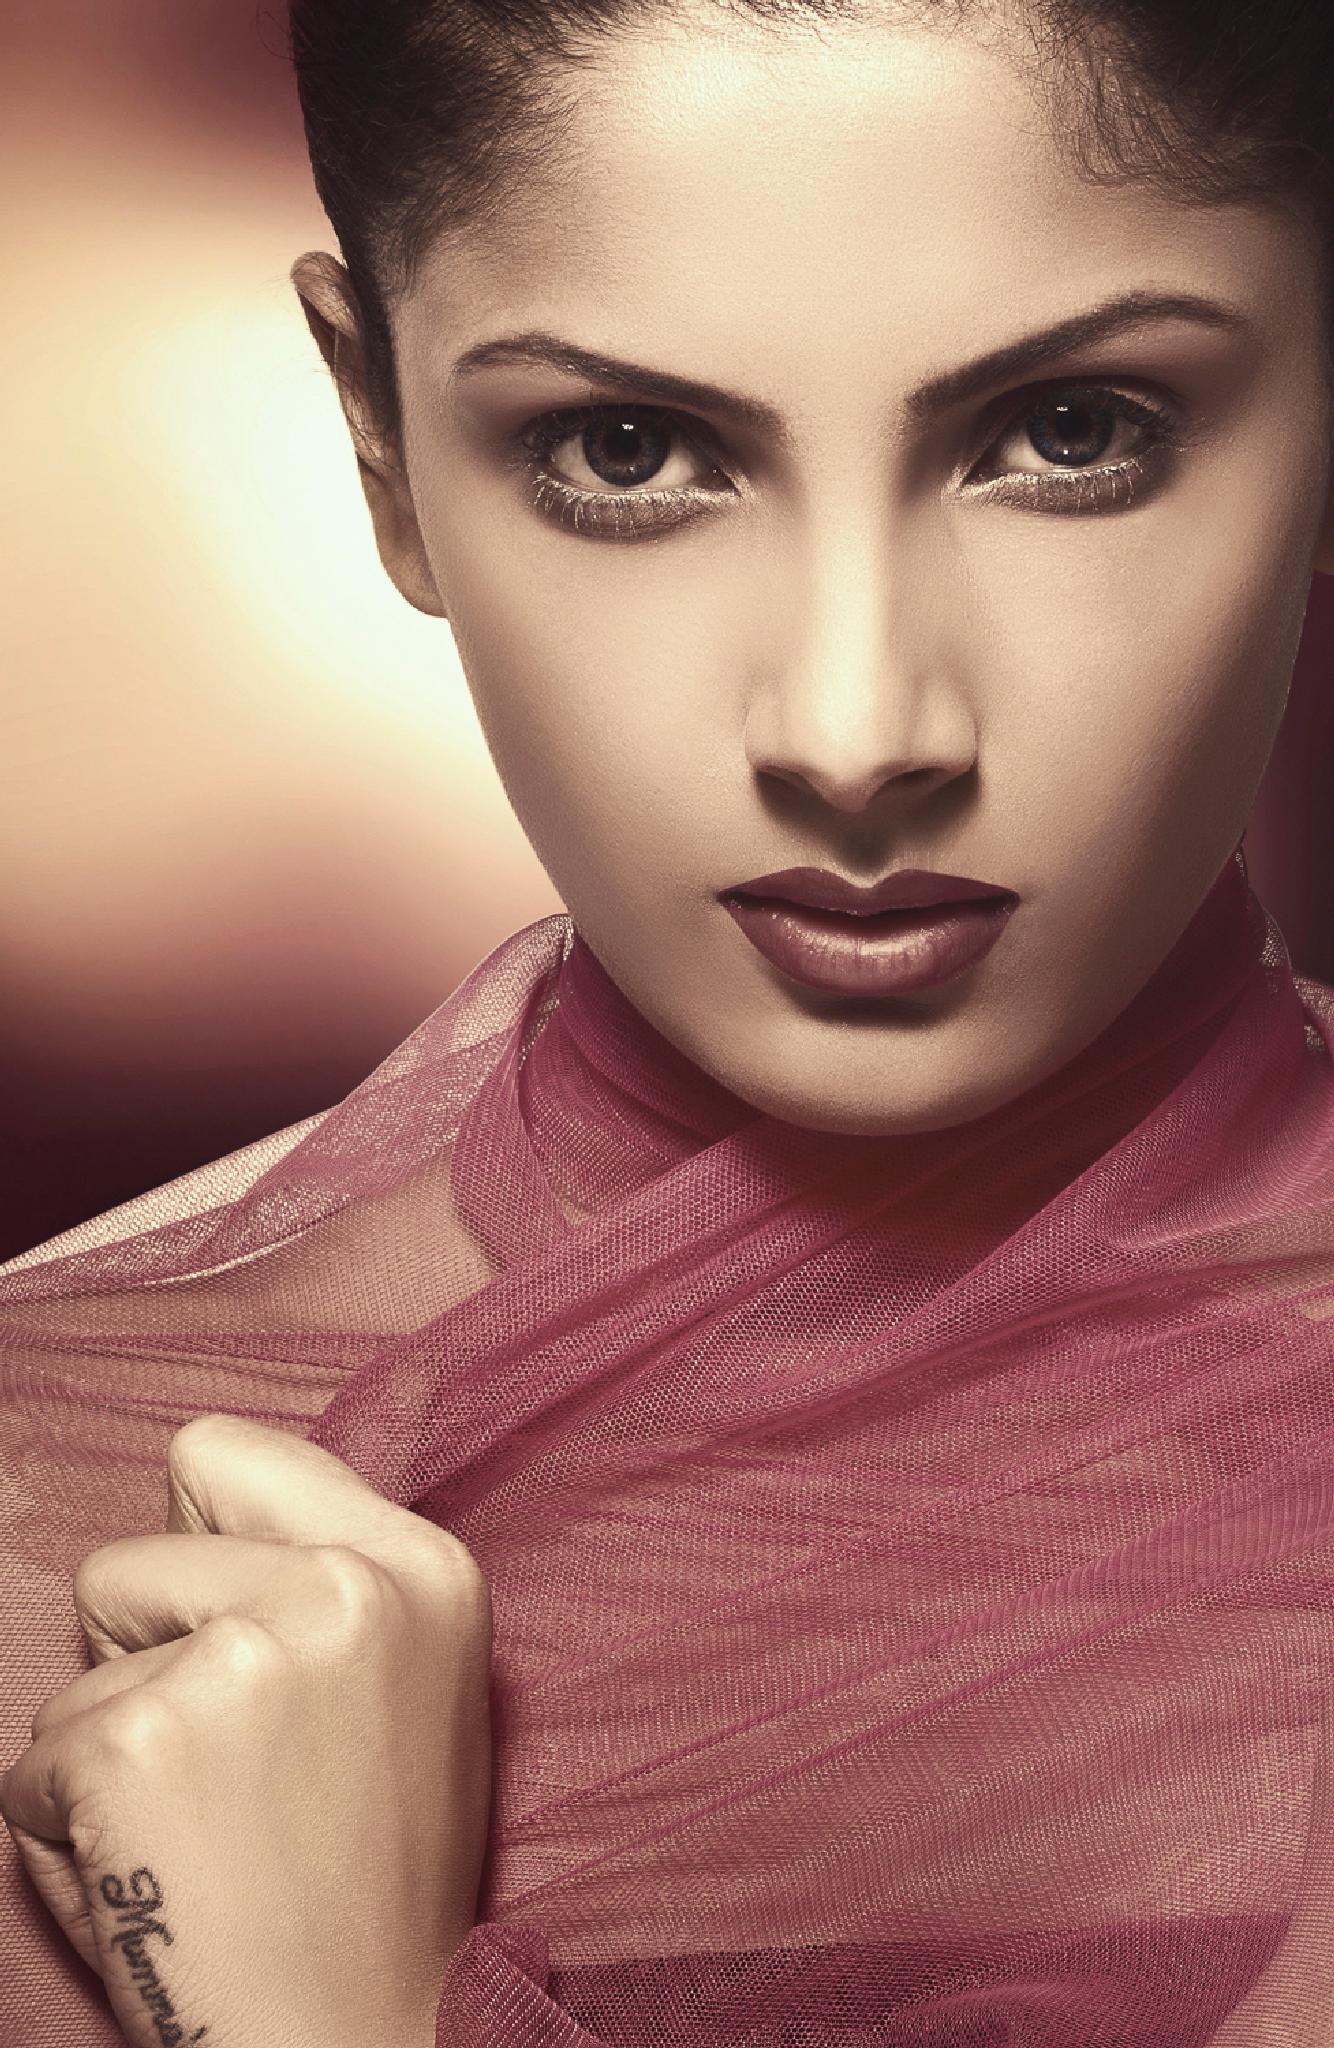 Elegance by Rahul Wedpathak